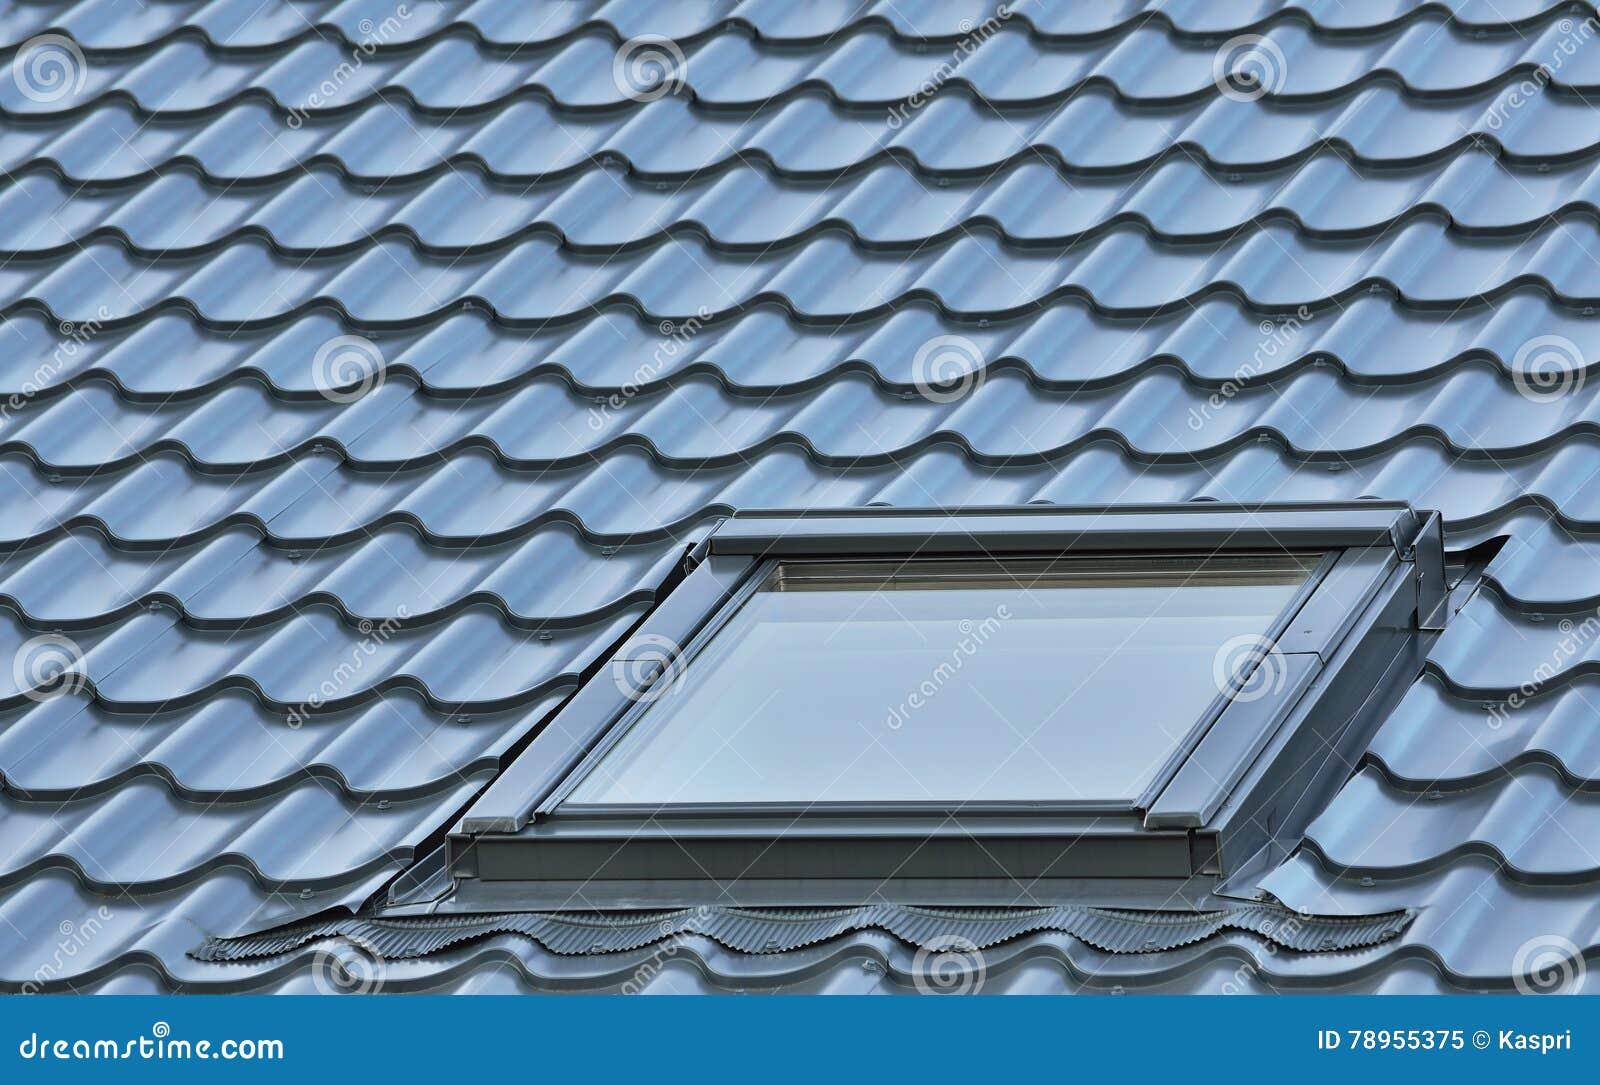 Copra la finestra, il tetto piastrellato grigio, il grande fondo dettagliato del lucernario del sottotetto, modello diagonale del